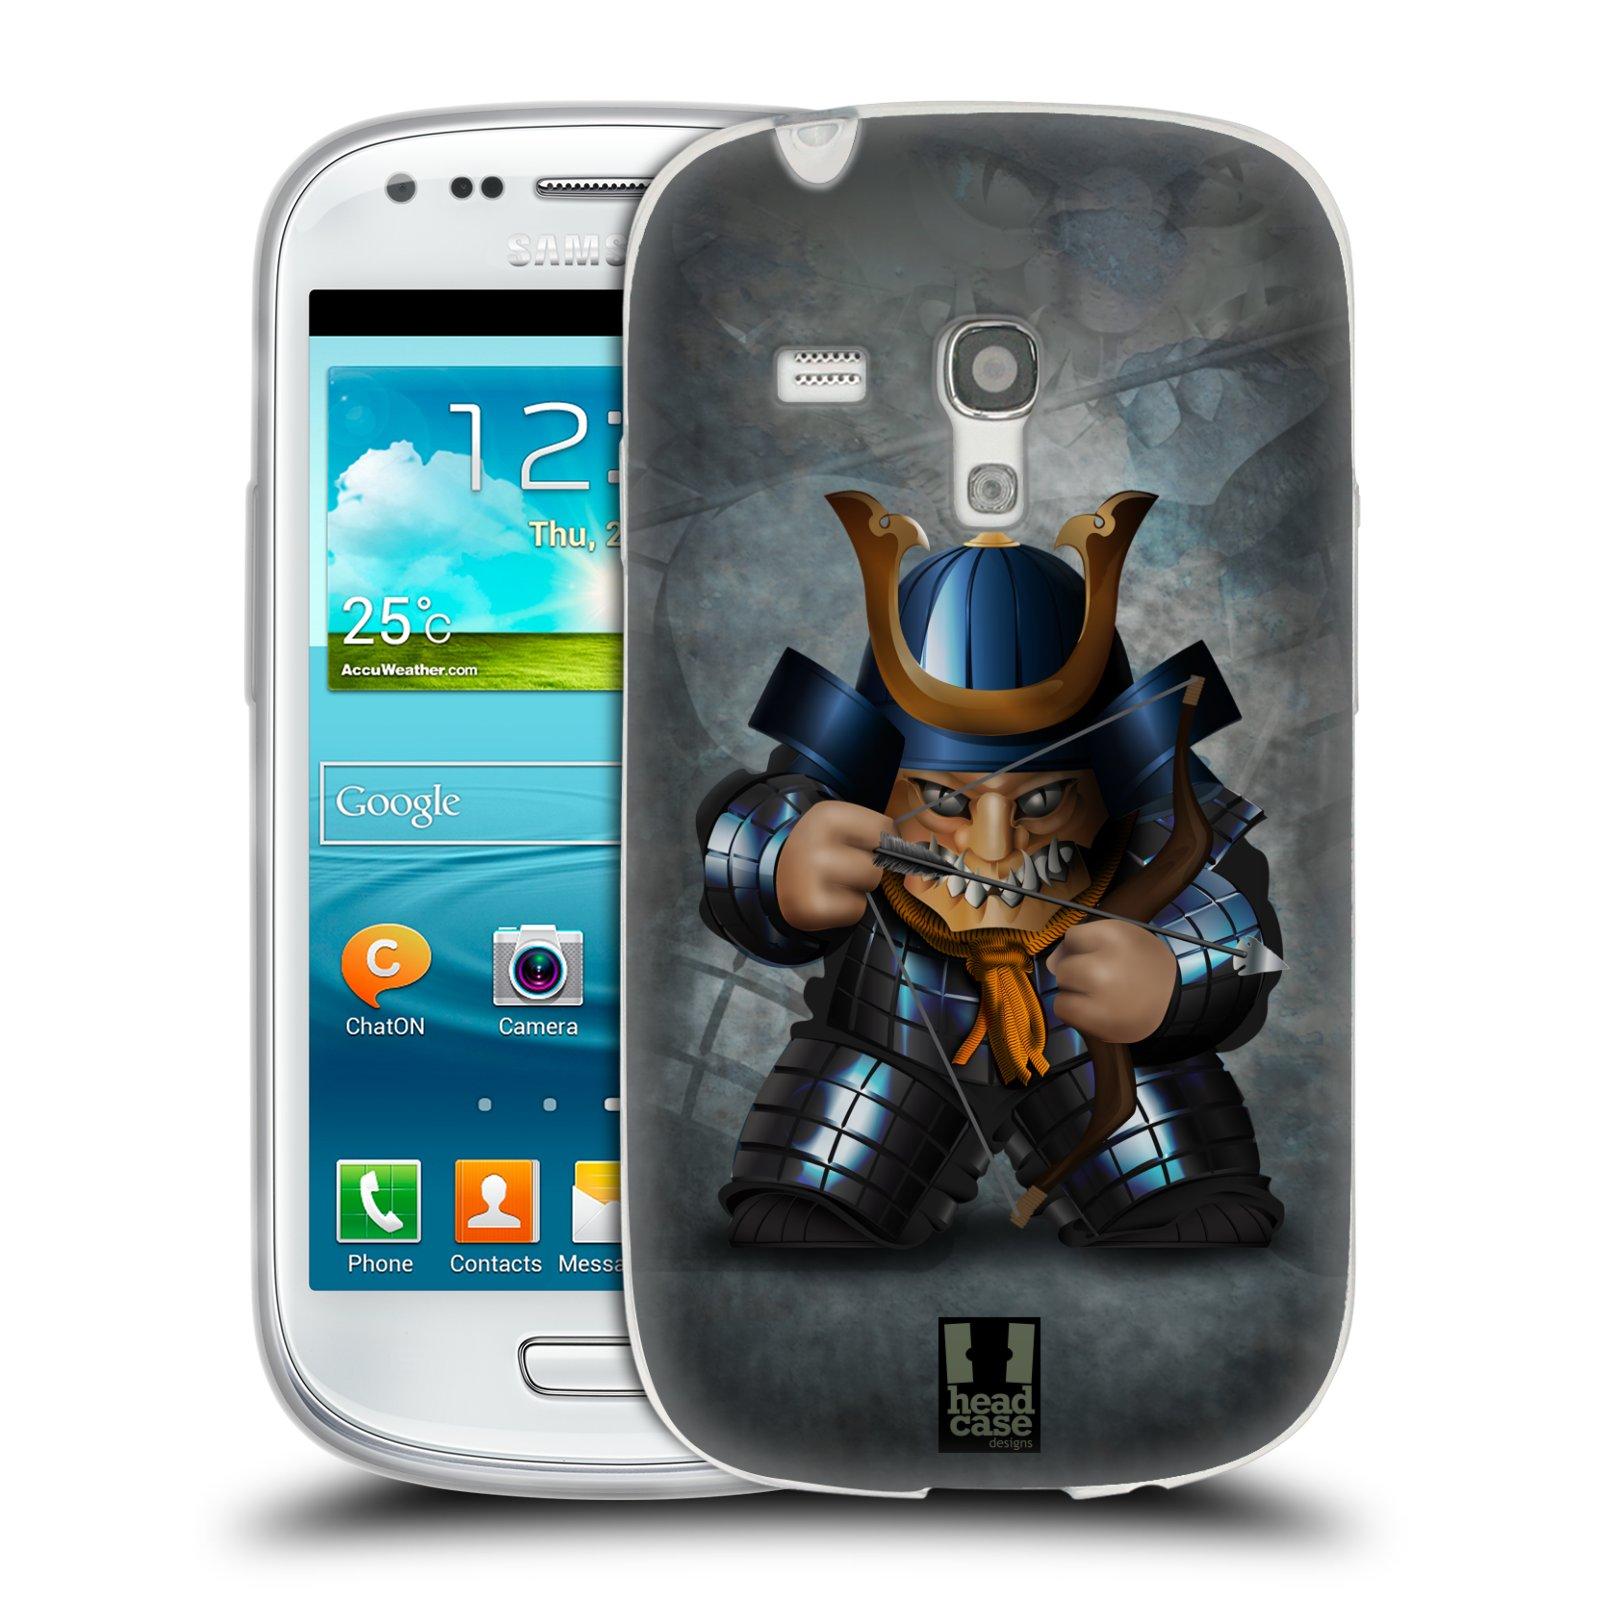 HEAD CASE silikonový obal na mobil Samsung Galaxy S3 MINI i8190 vzor Malí bojovníci SHOGUN STŘELEC